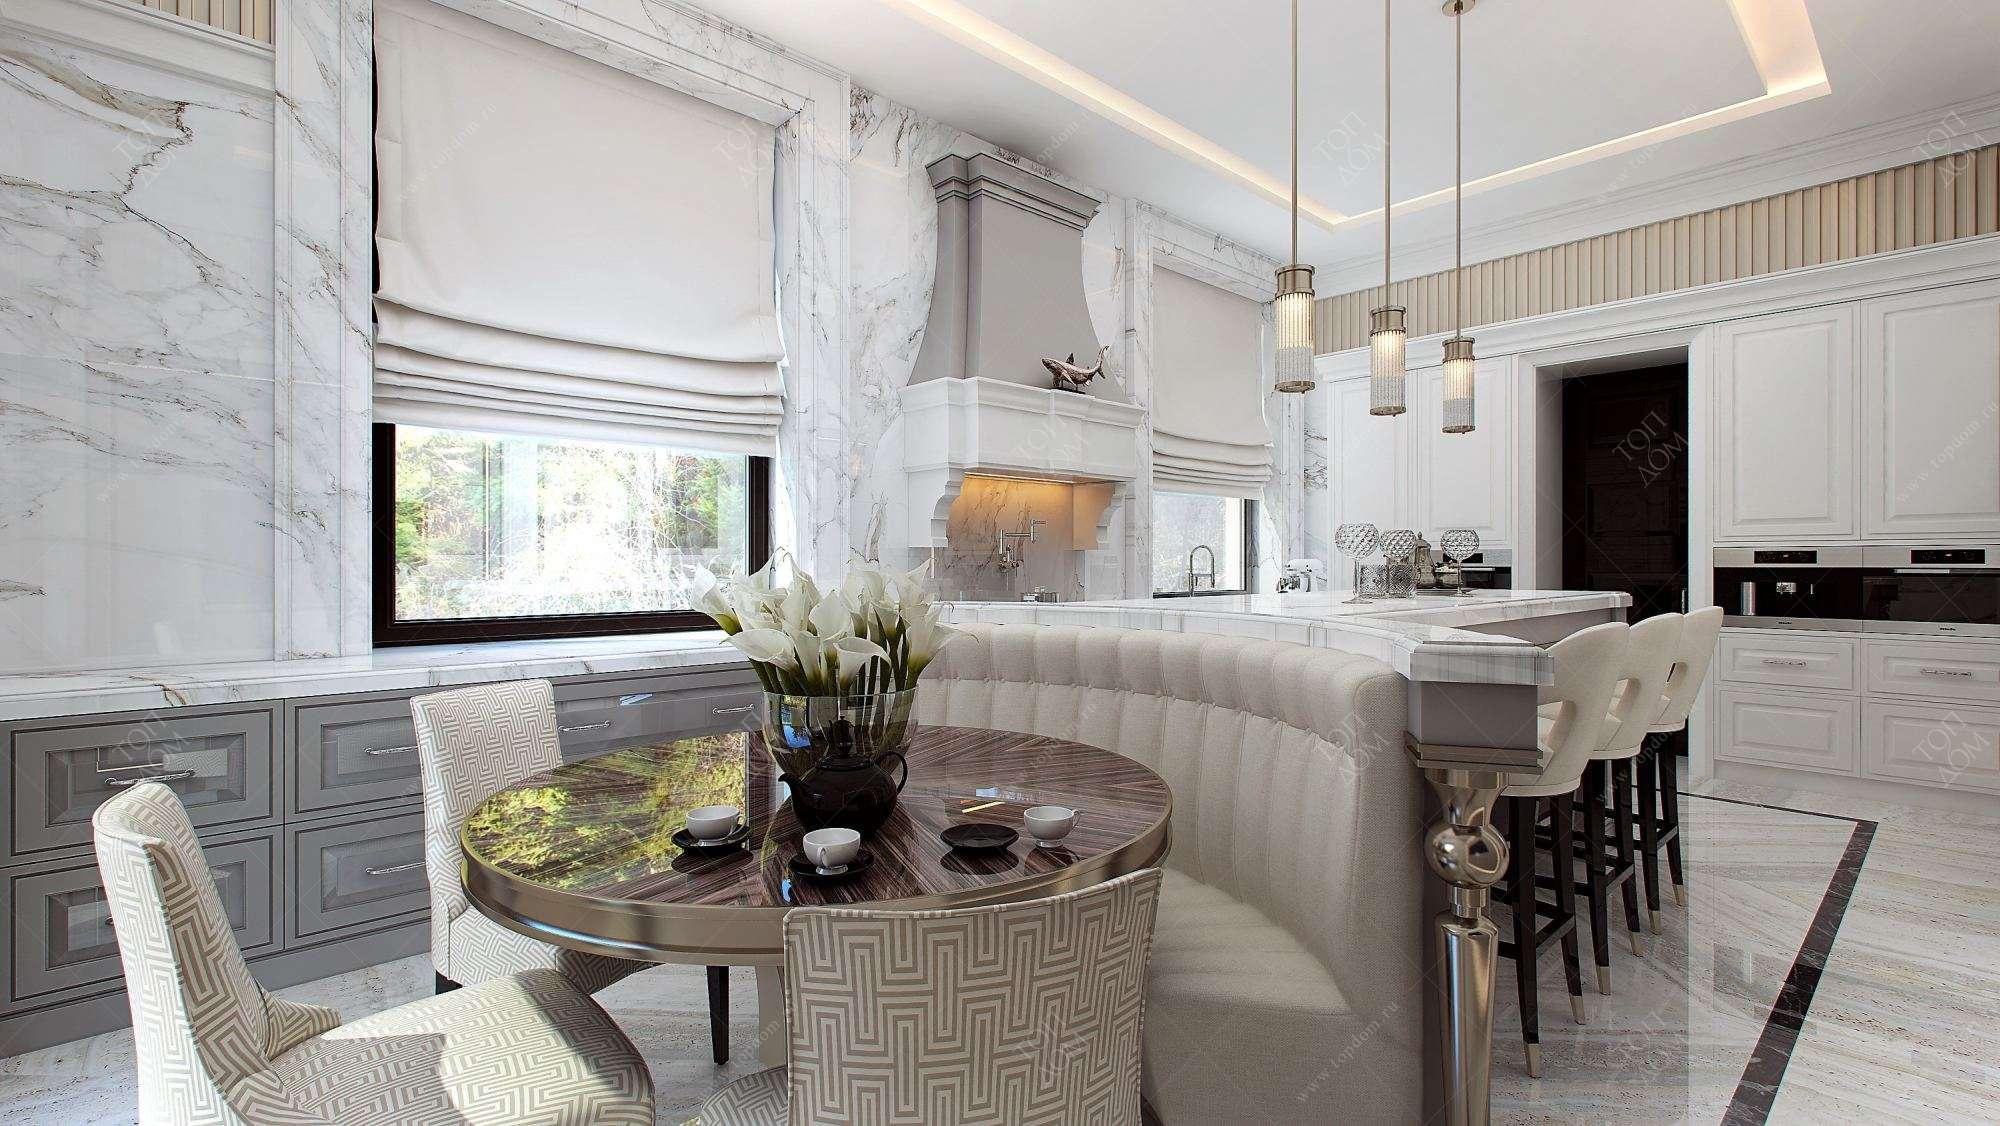 Понятие об основных принципах построения интерьера жилого дома, на что обращать внимание при оформлении, выбор стиля интерьера - 12 фото